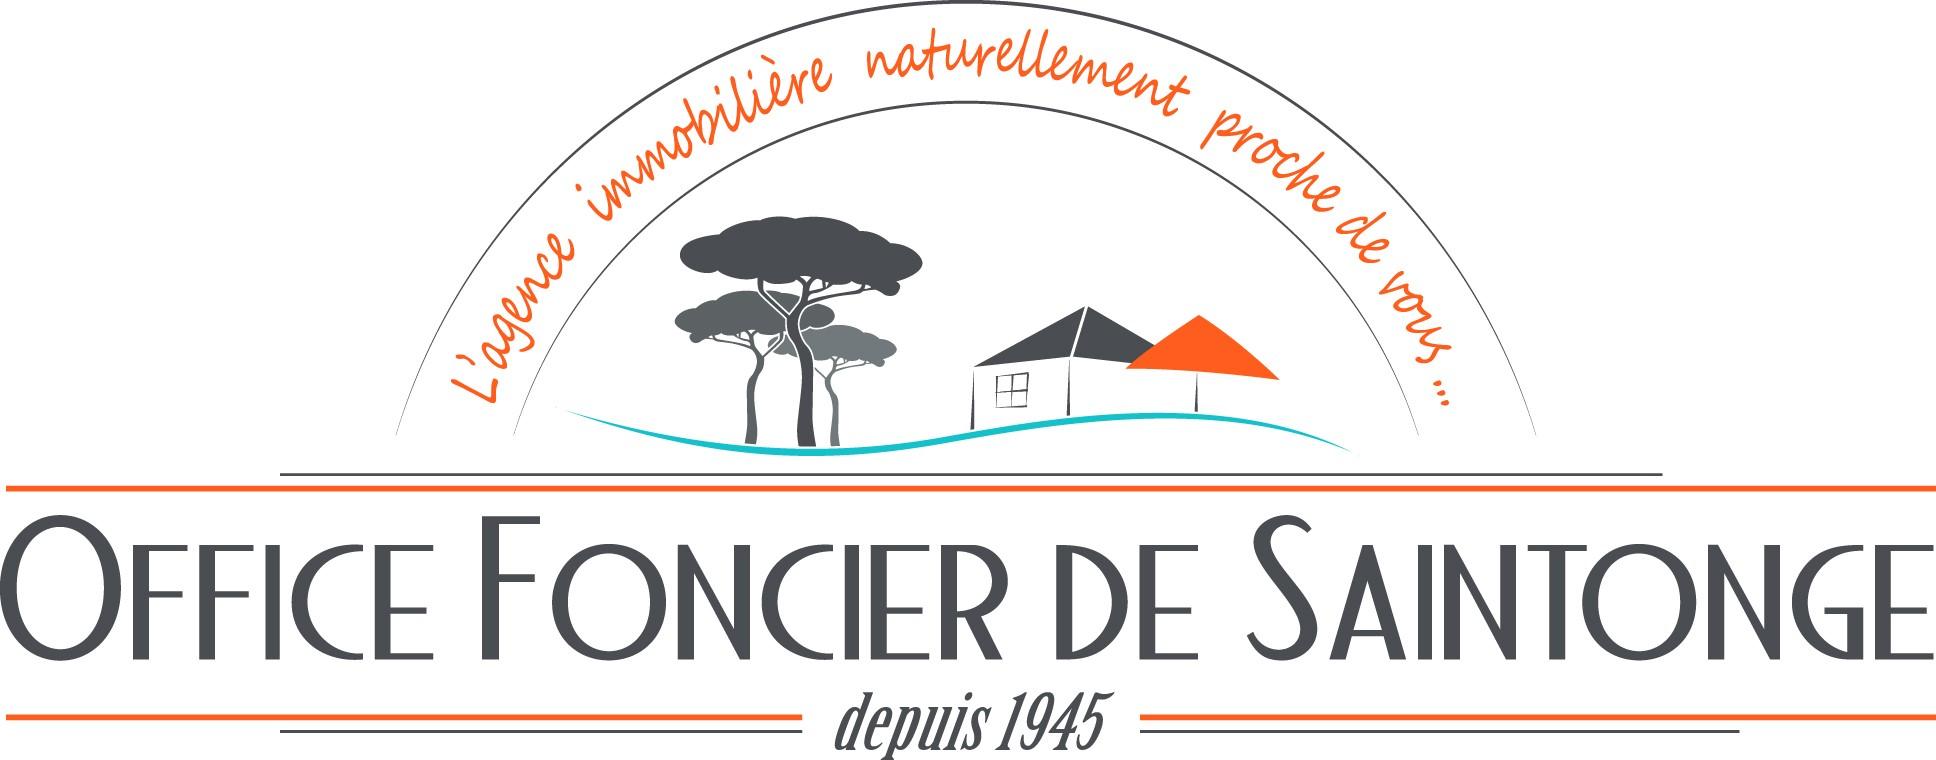 Office Foncier de Saintonge agence immobilière Saint-Augustin (17570)